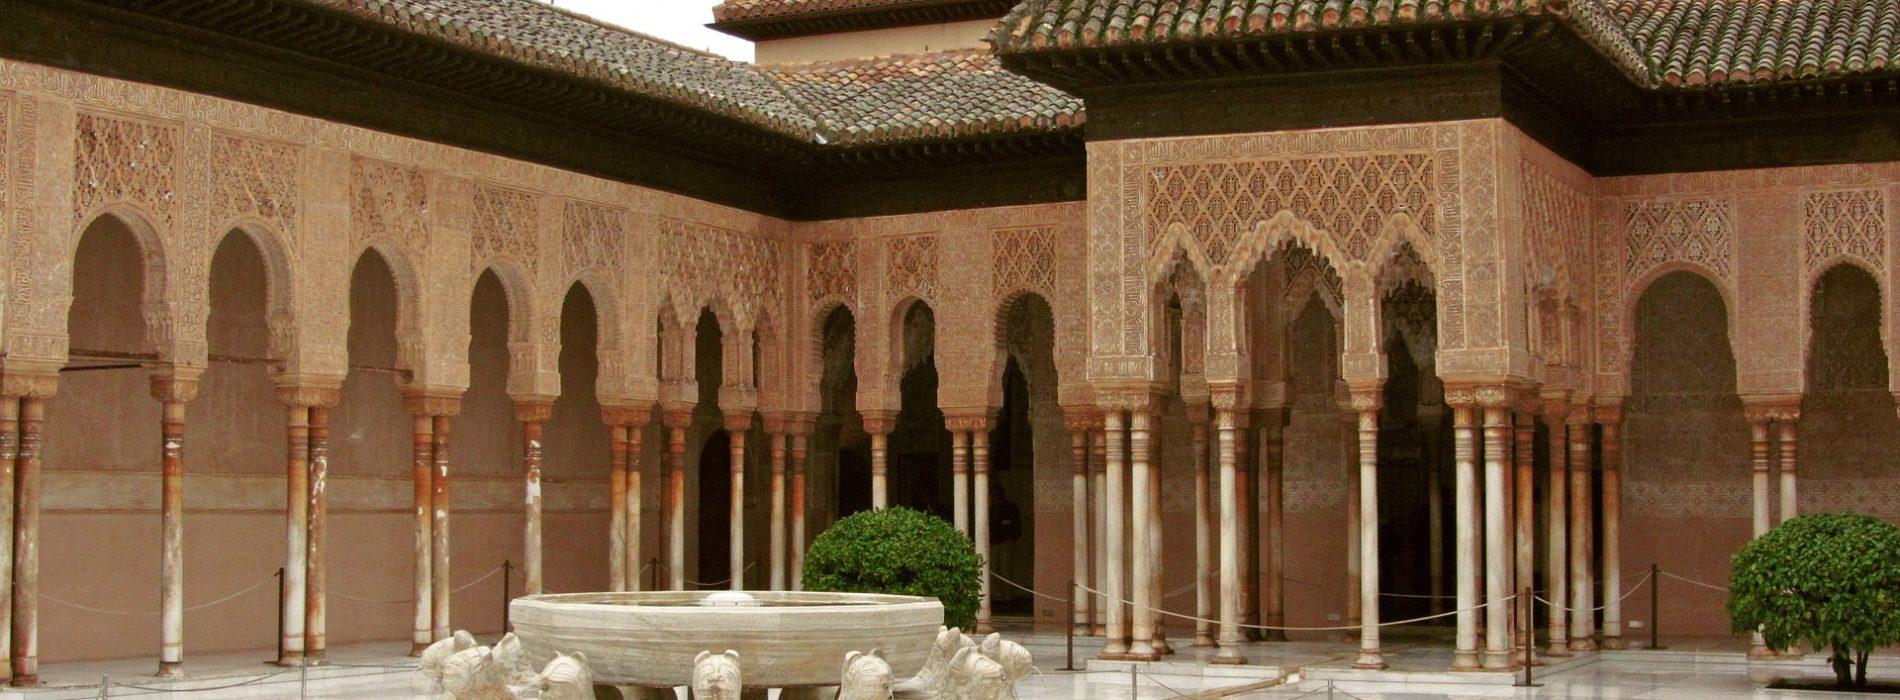 El triángulo Andalusí: La Alhambra, El Alcázar y La Alcazaba